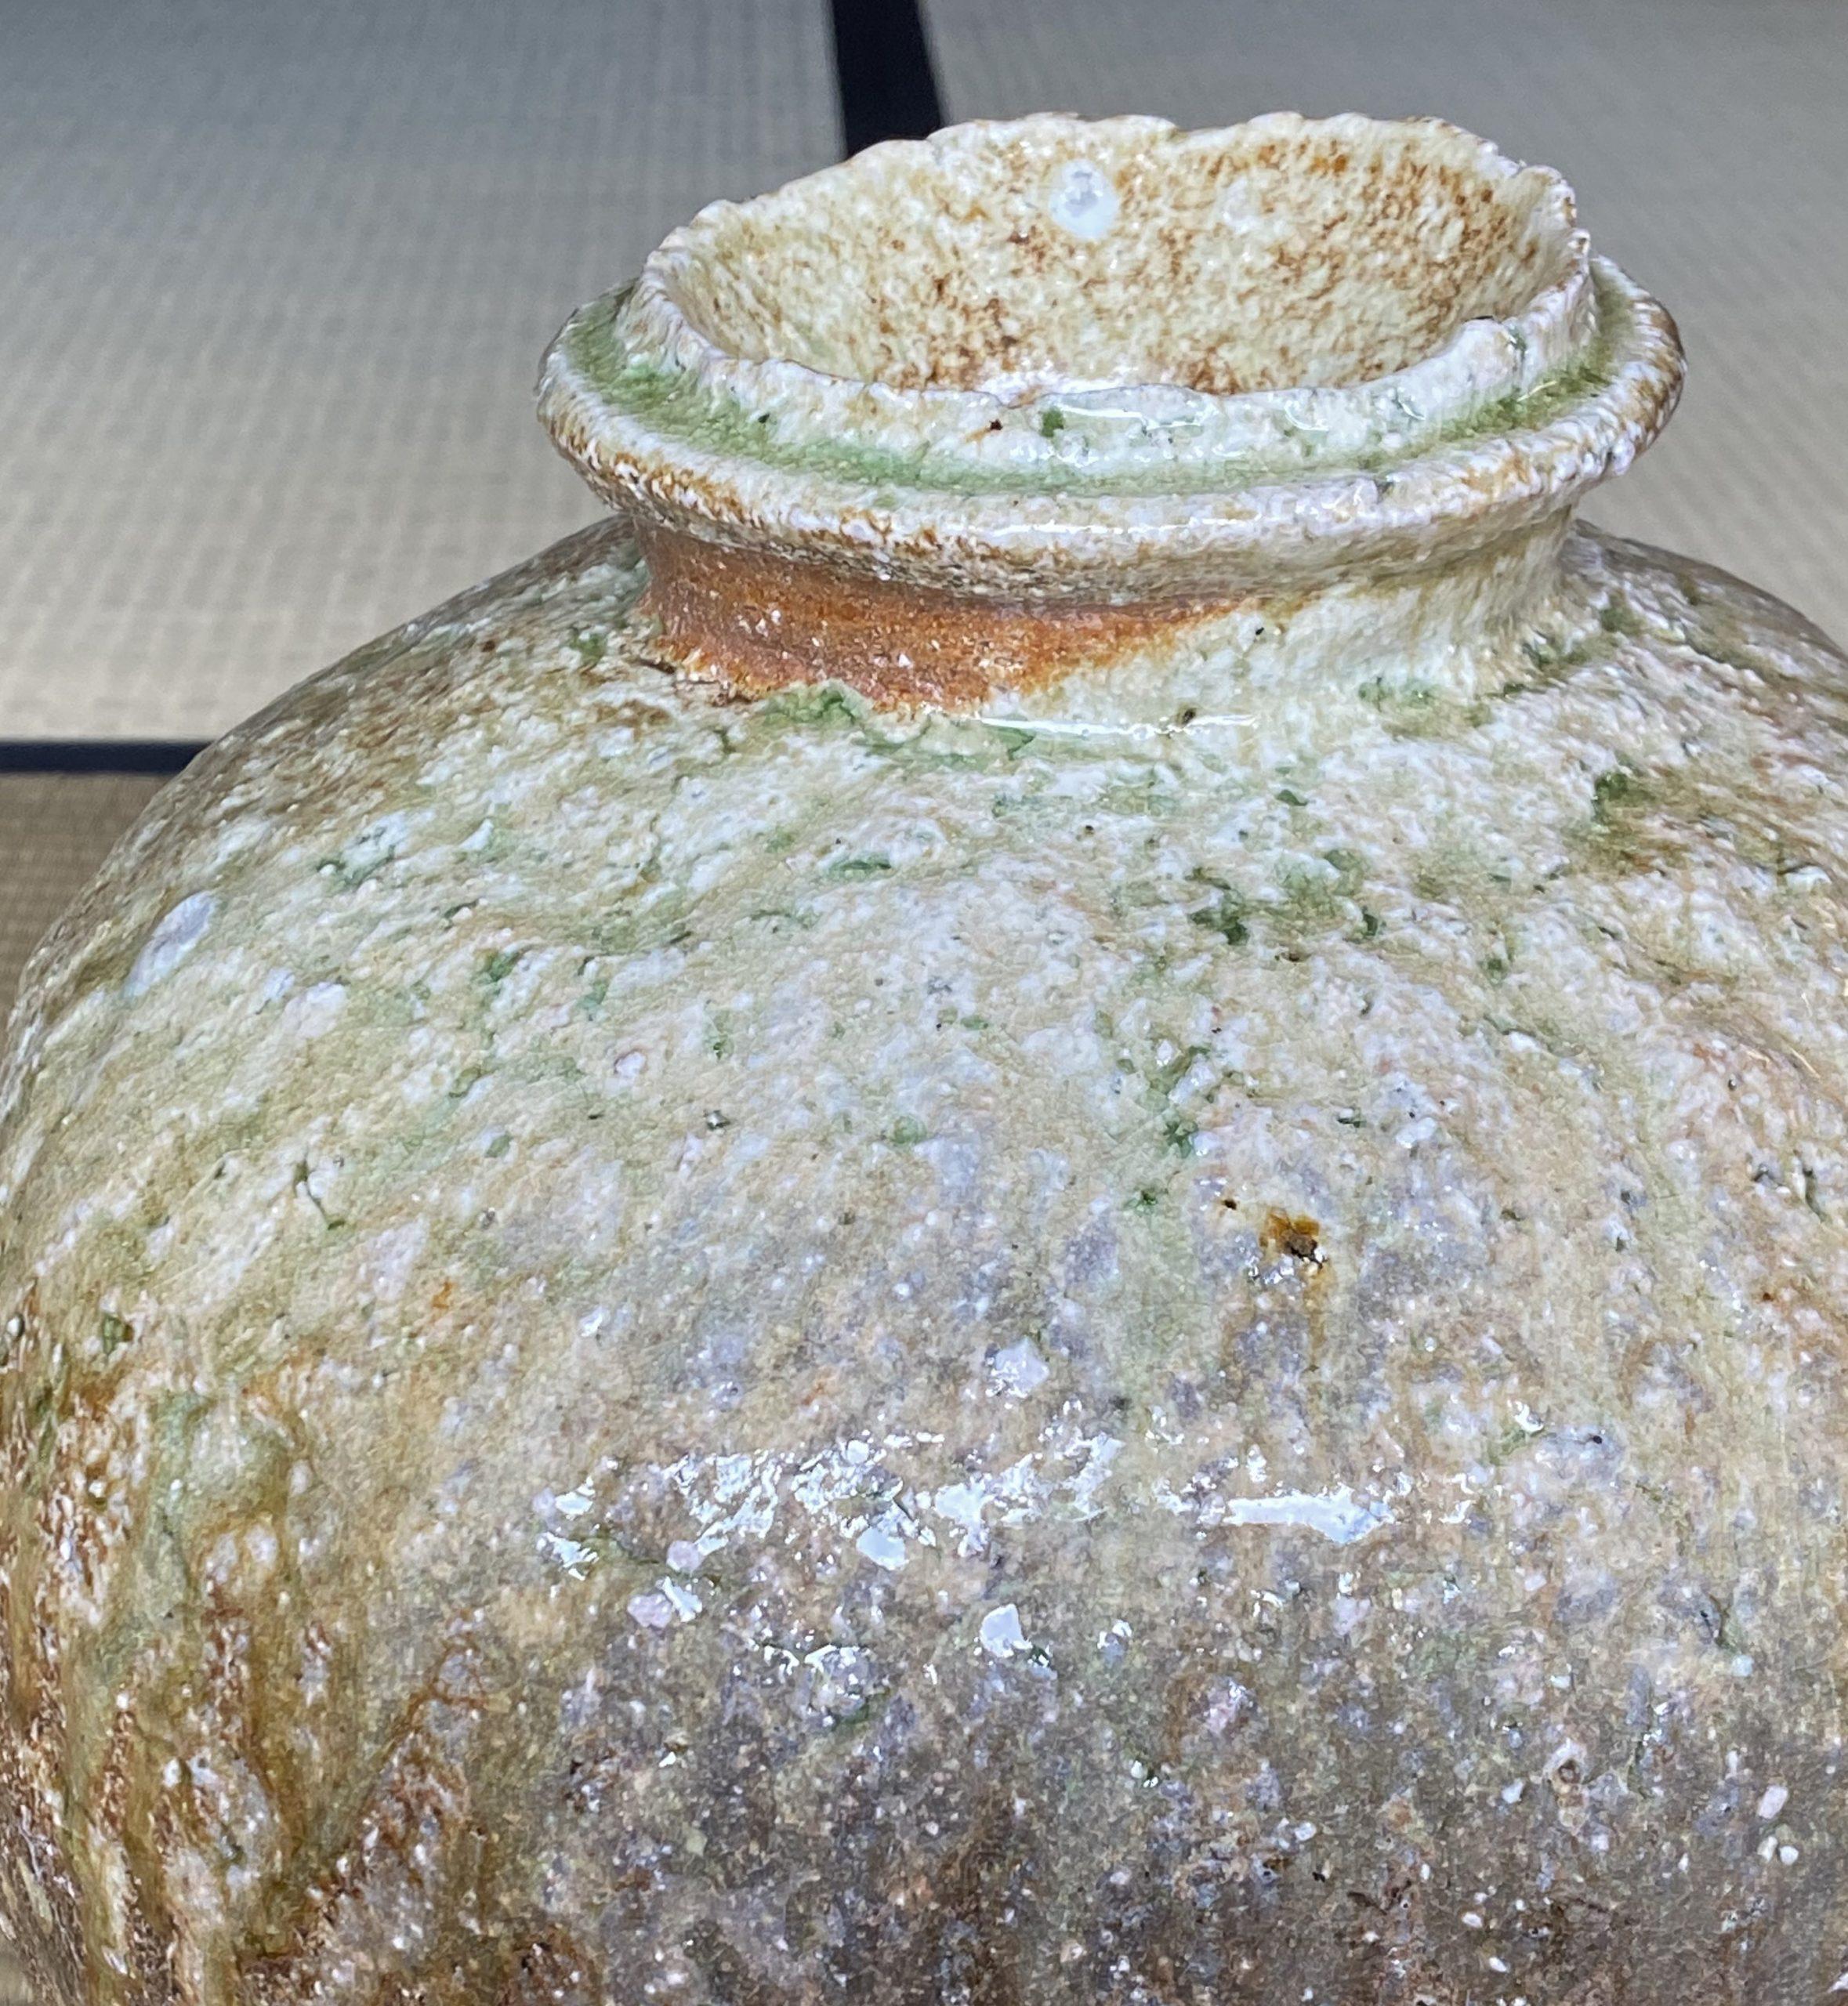 Iga Tsubo-Jar by Sugimoto Sadamitsu